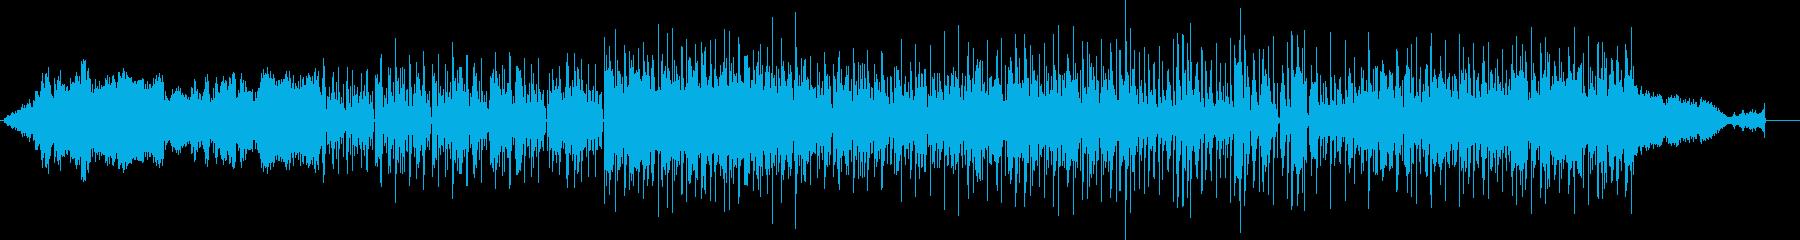 催眠をテーマにしたアンビエント電子...の再生済みの波形